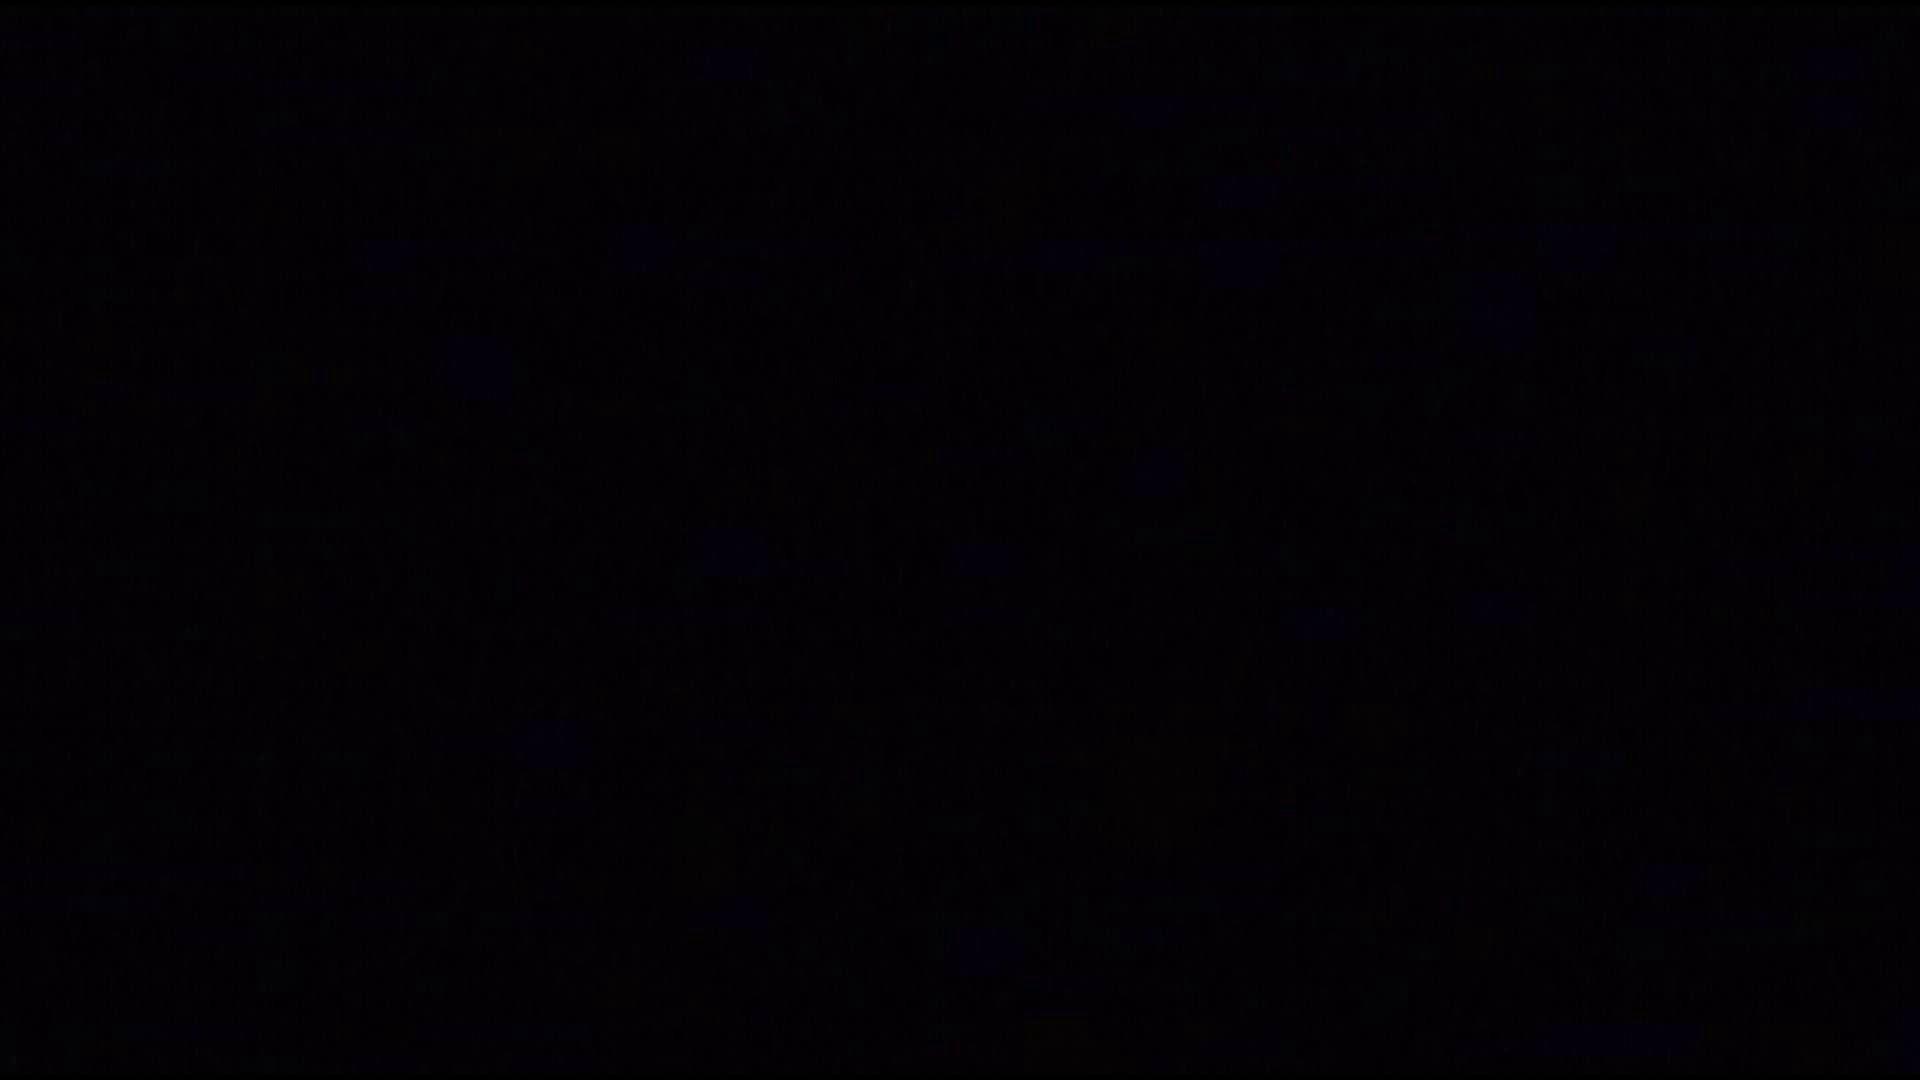 民家の騎士さんの最後の性戦ハイビジョン!!No.47 おっぱい特集  77pic 56